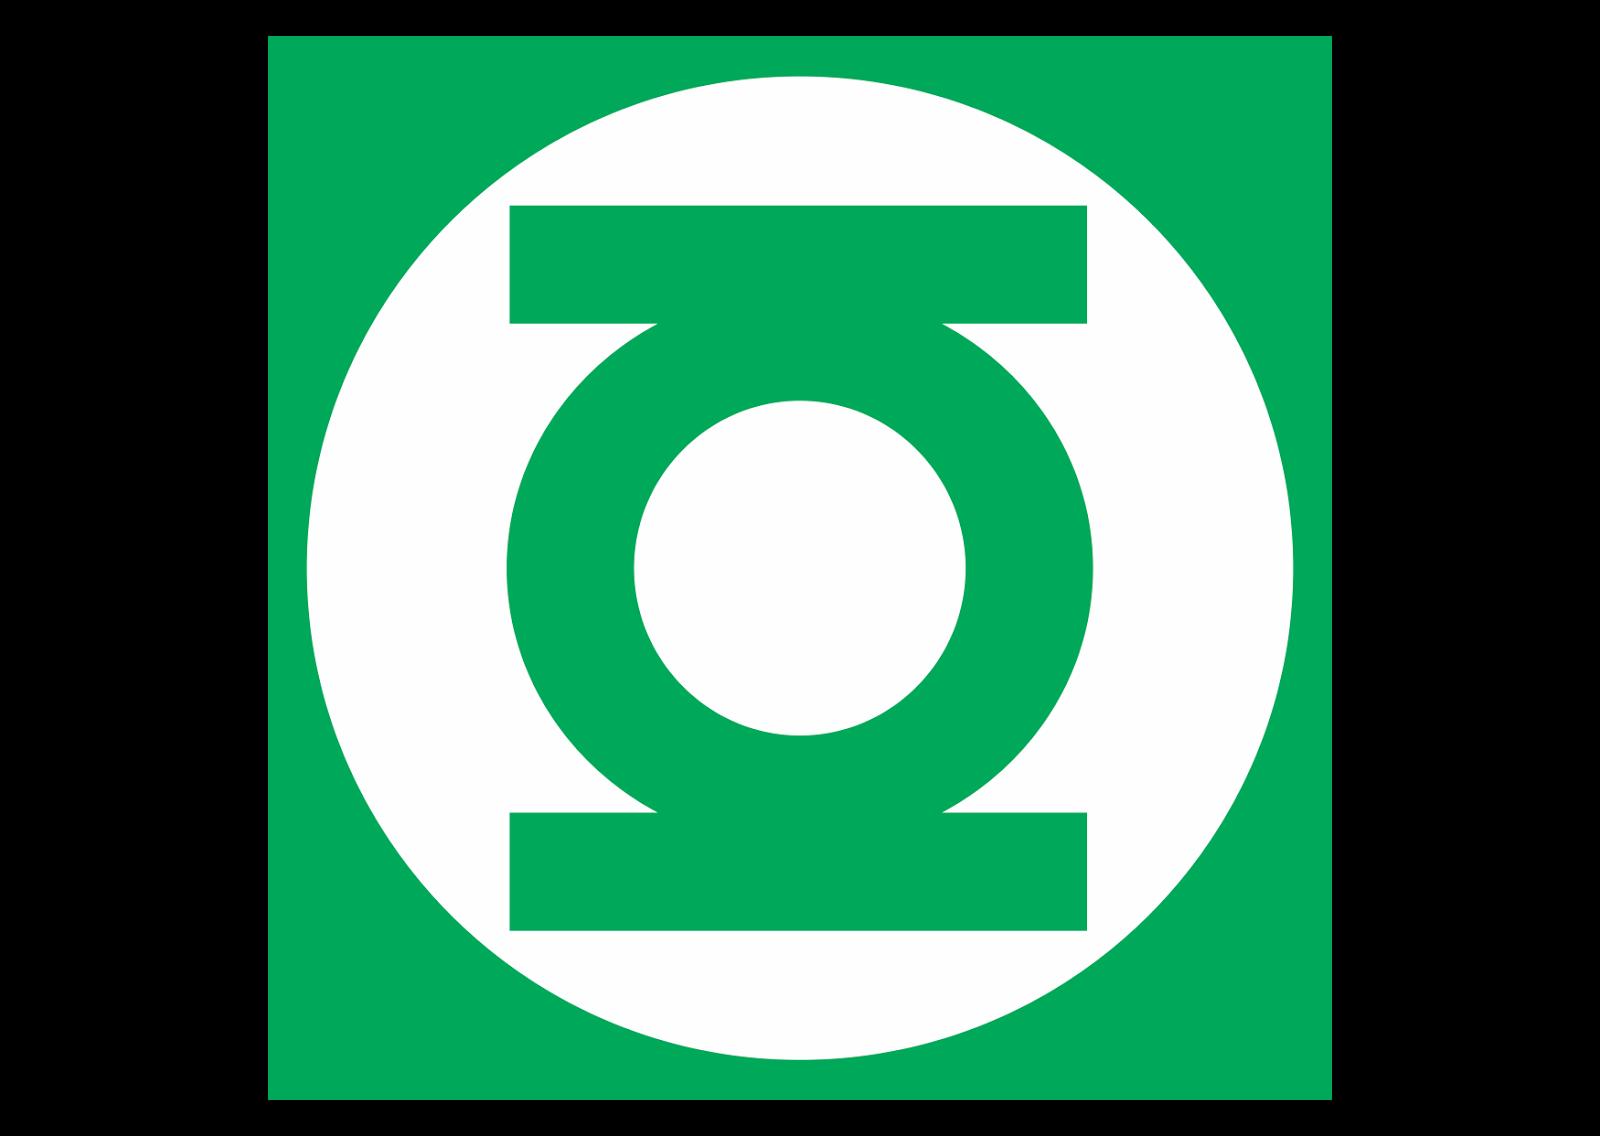 Green lantern logo vector